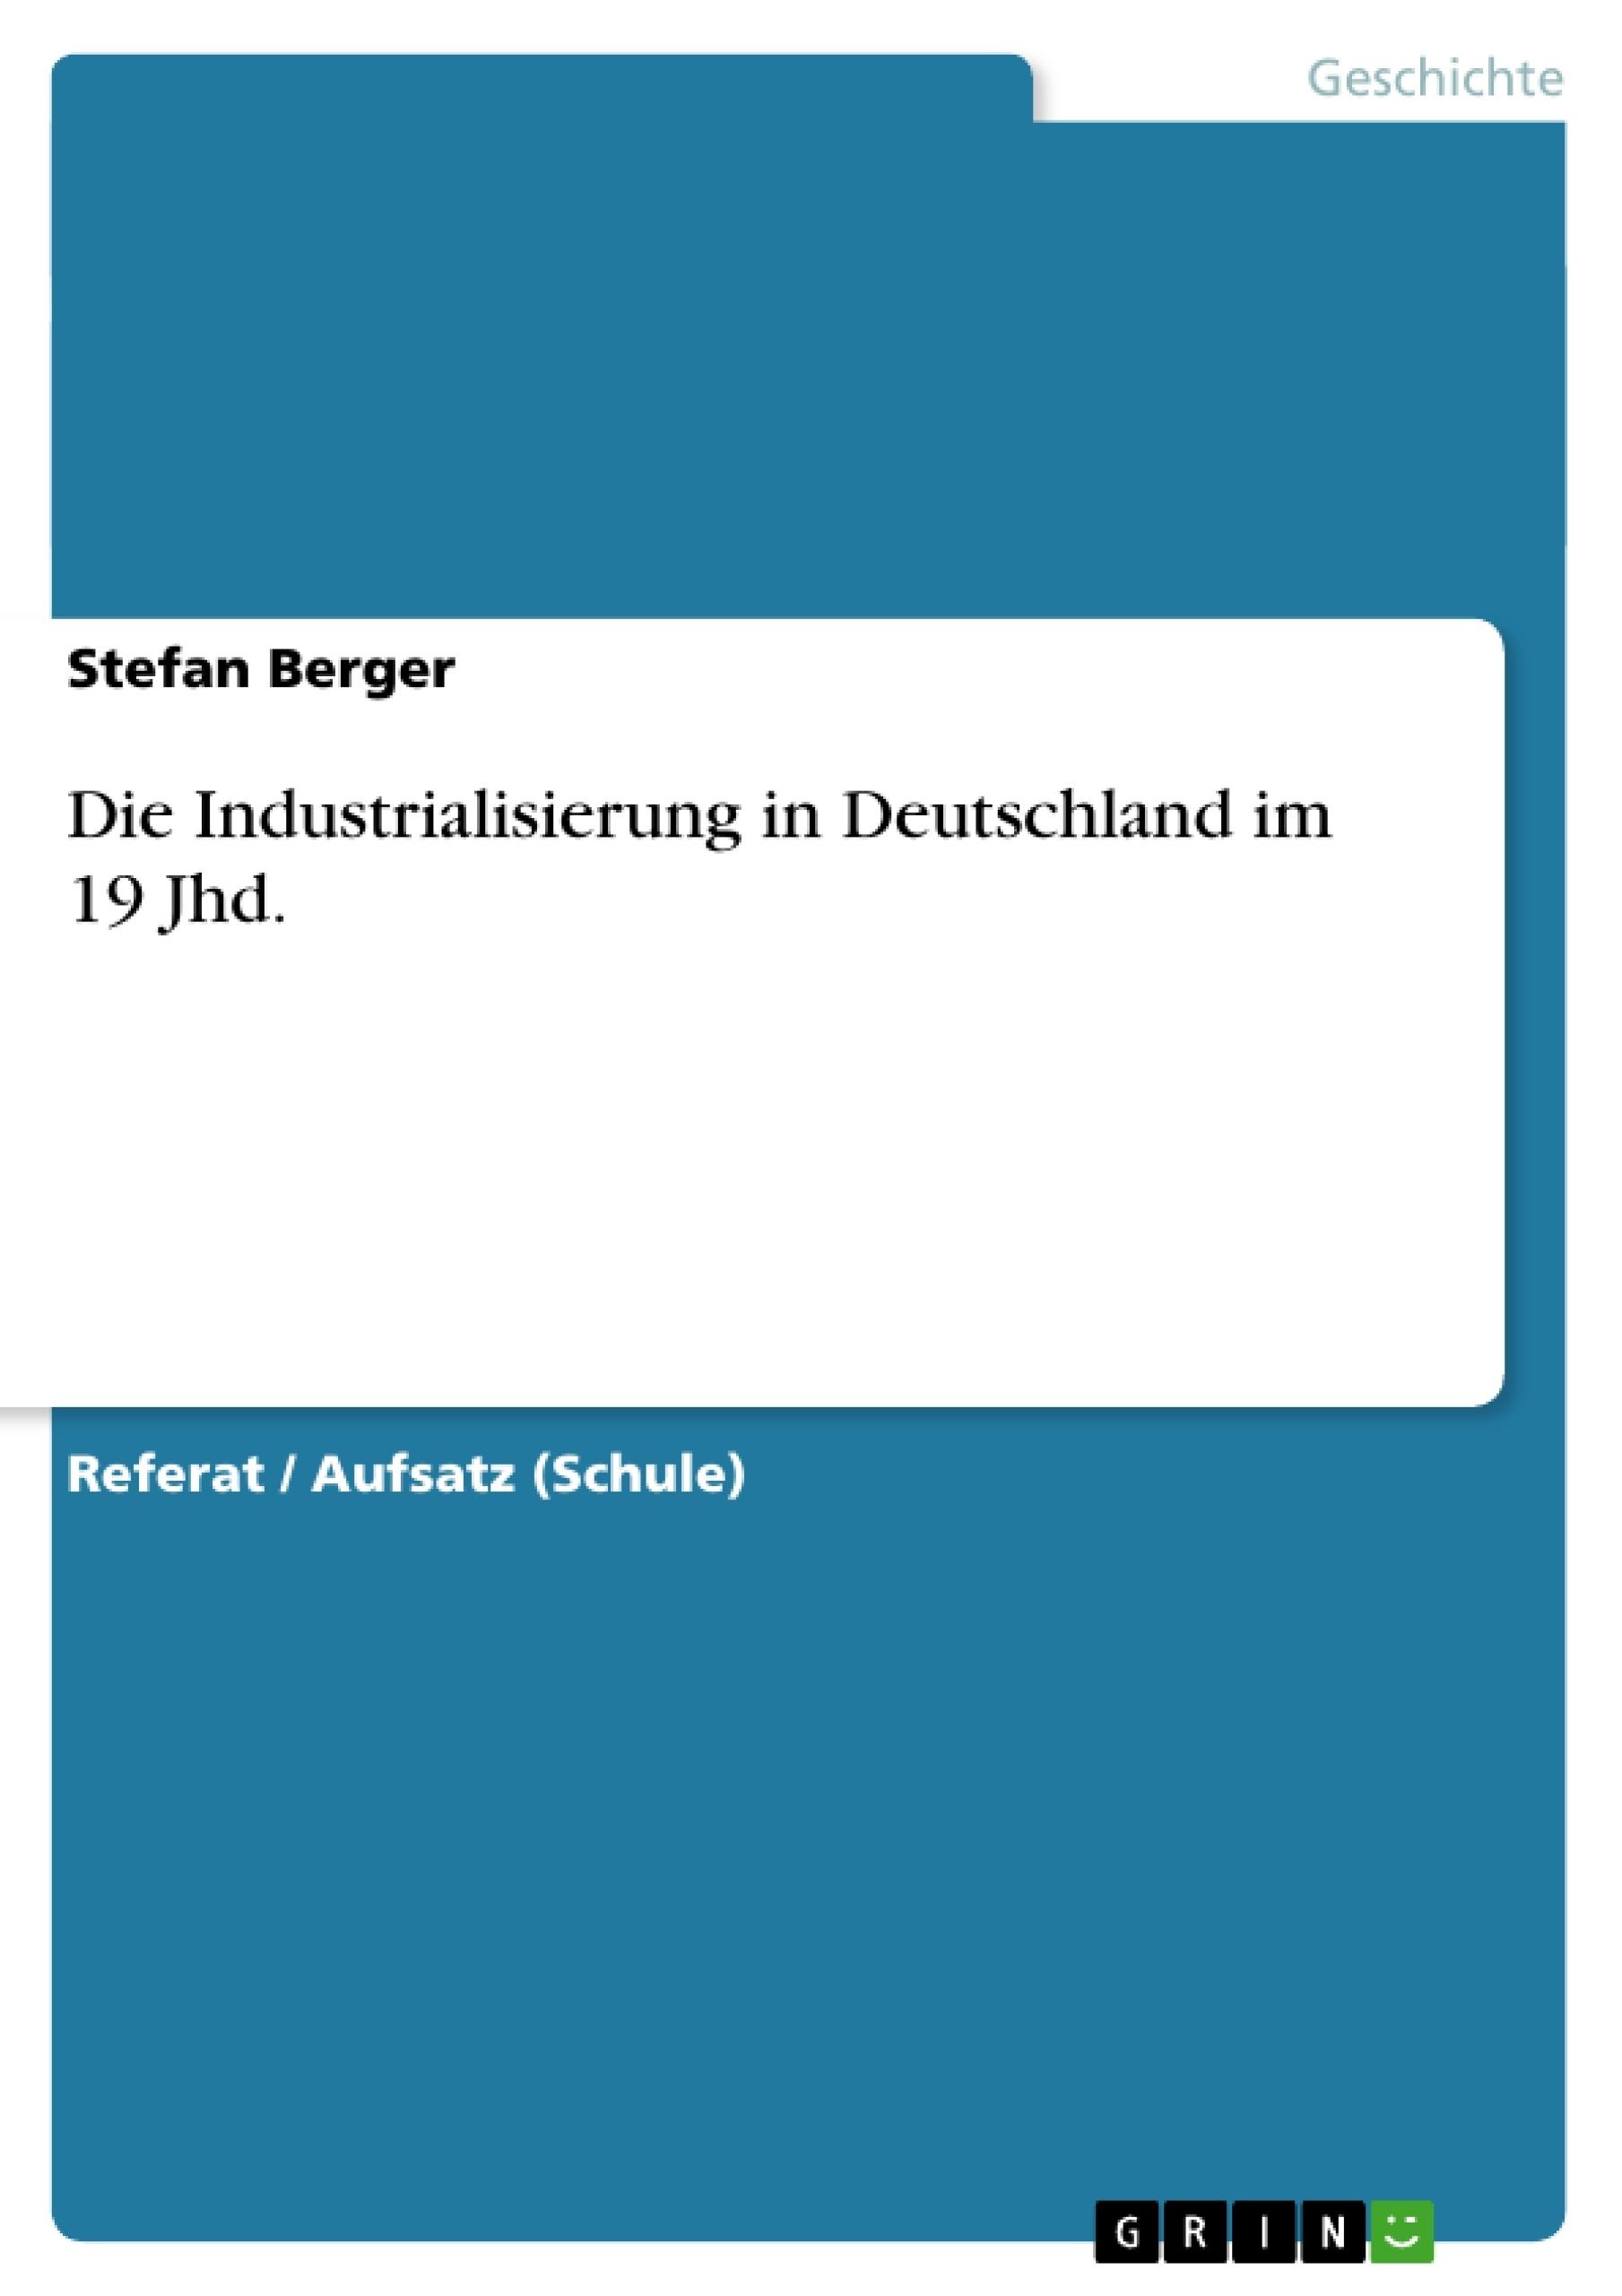 Arbeitsblatt Industrialisierung In Deutschland : Die industrialisierung in deutschland im jhd